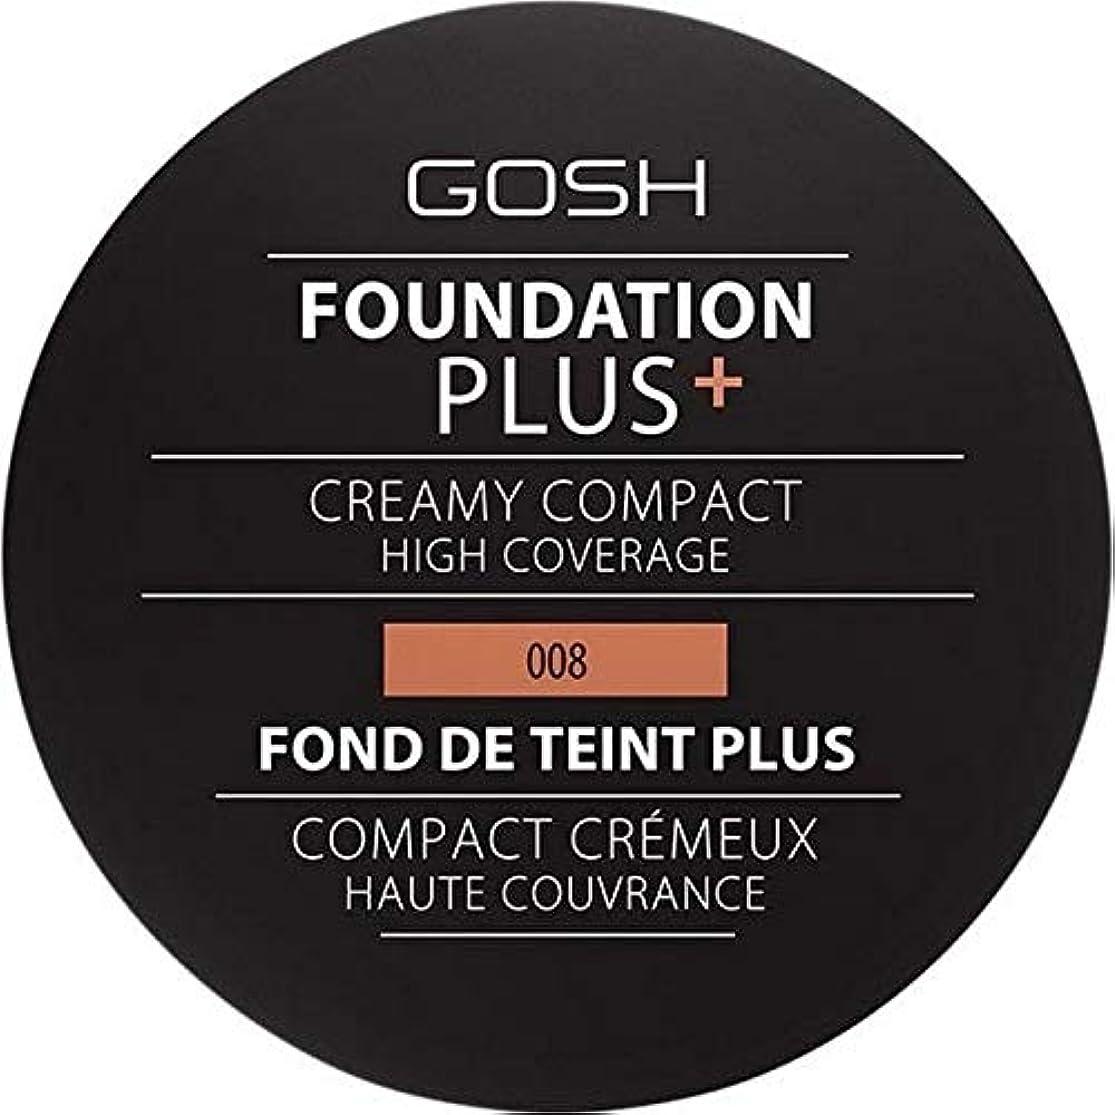 失速調子生産性[GOSH ] おやっ基盤プラス008 +クリーミーコンパクト黄金 - Gosh Foundation Plus+ Creamy Compact Golden 008 [並行輸入品]